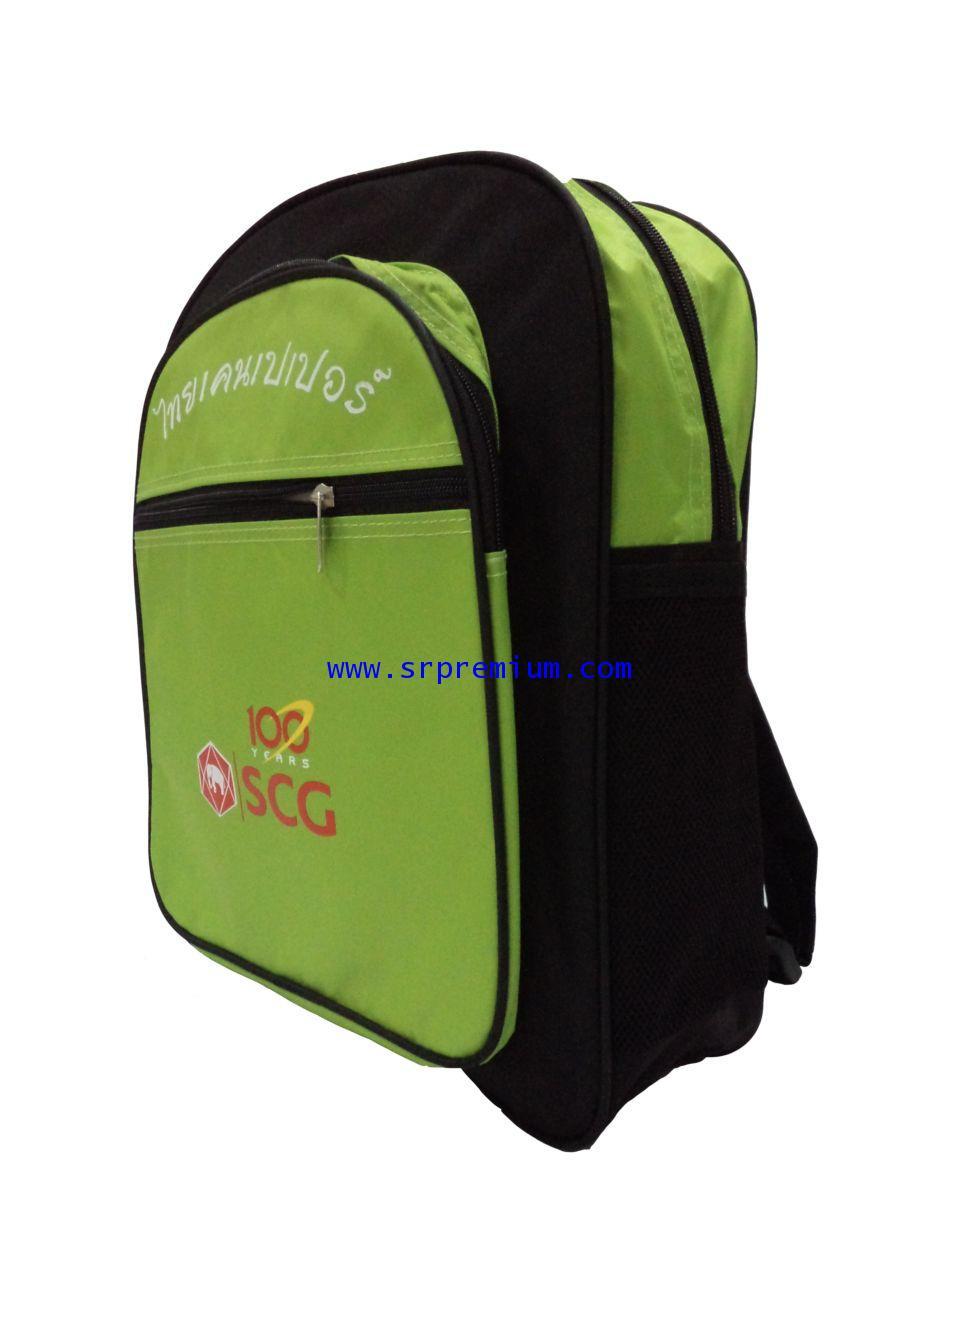 กระเป๋าเป้นักเรียน รุ่น 02-0032 ขนาด 14 นิ้ว